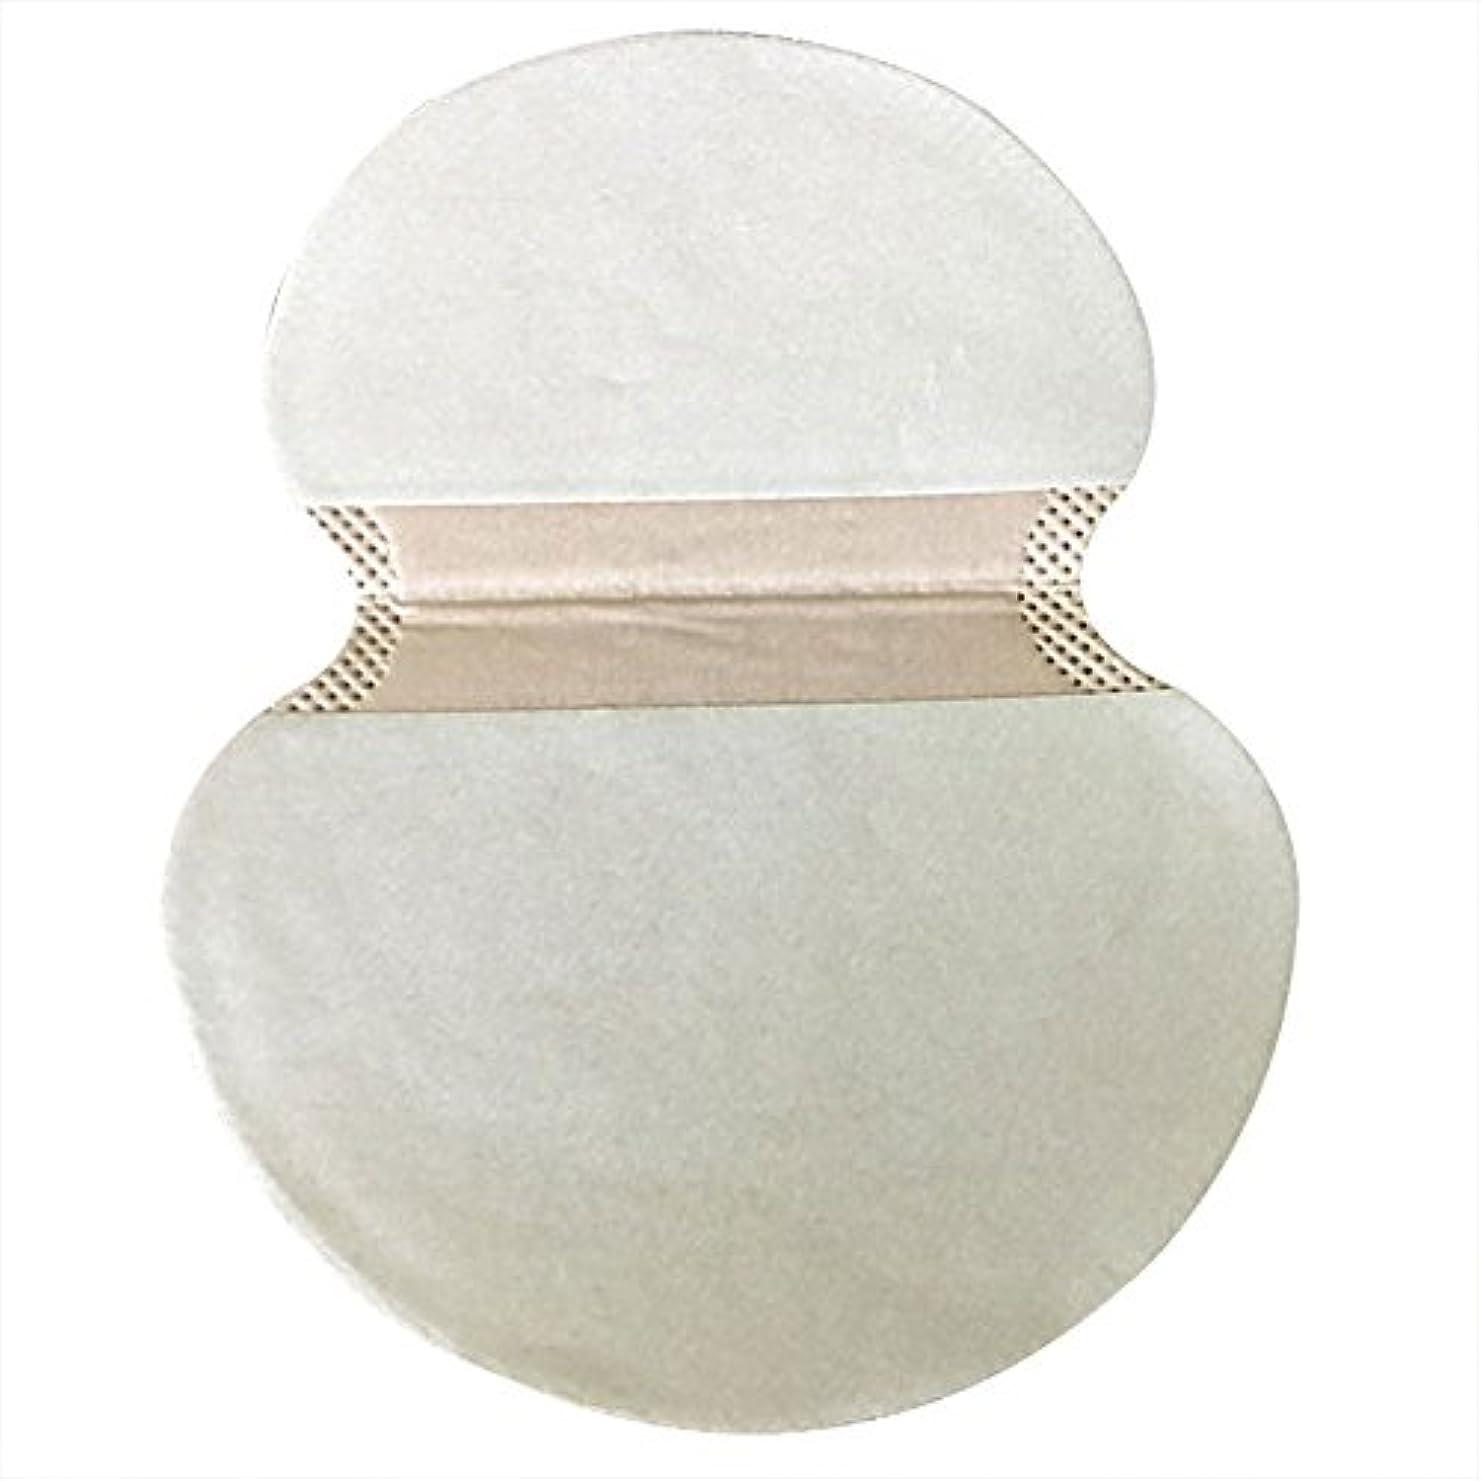 謝罪白雪姫グリルkiirou 汗取りパッド わき汗パット 10枚セット さらさら あせジミ防止 防臭シート 無香料 メンズ レディース 大きめ